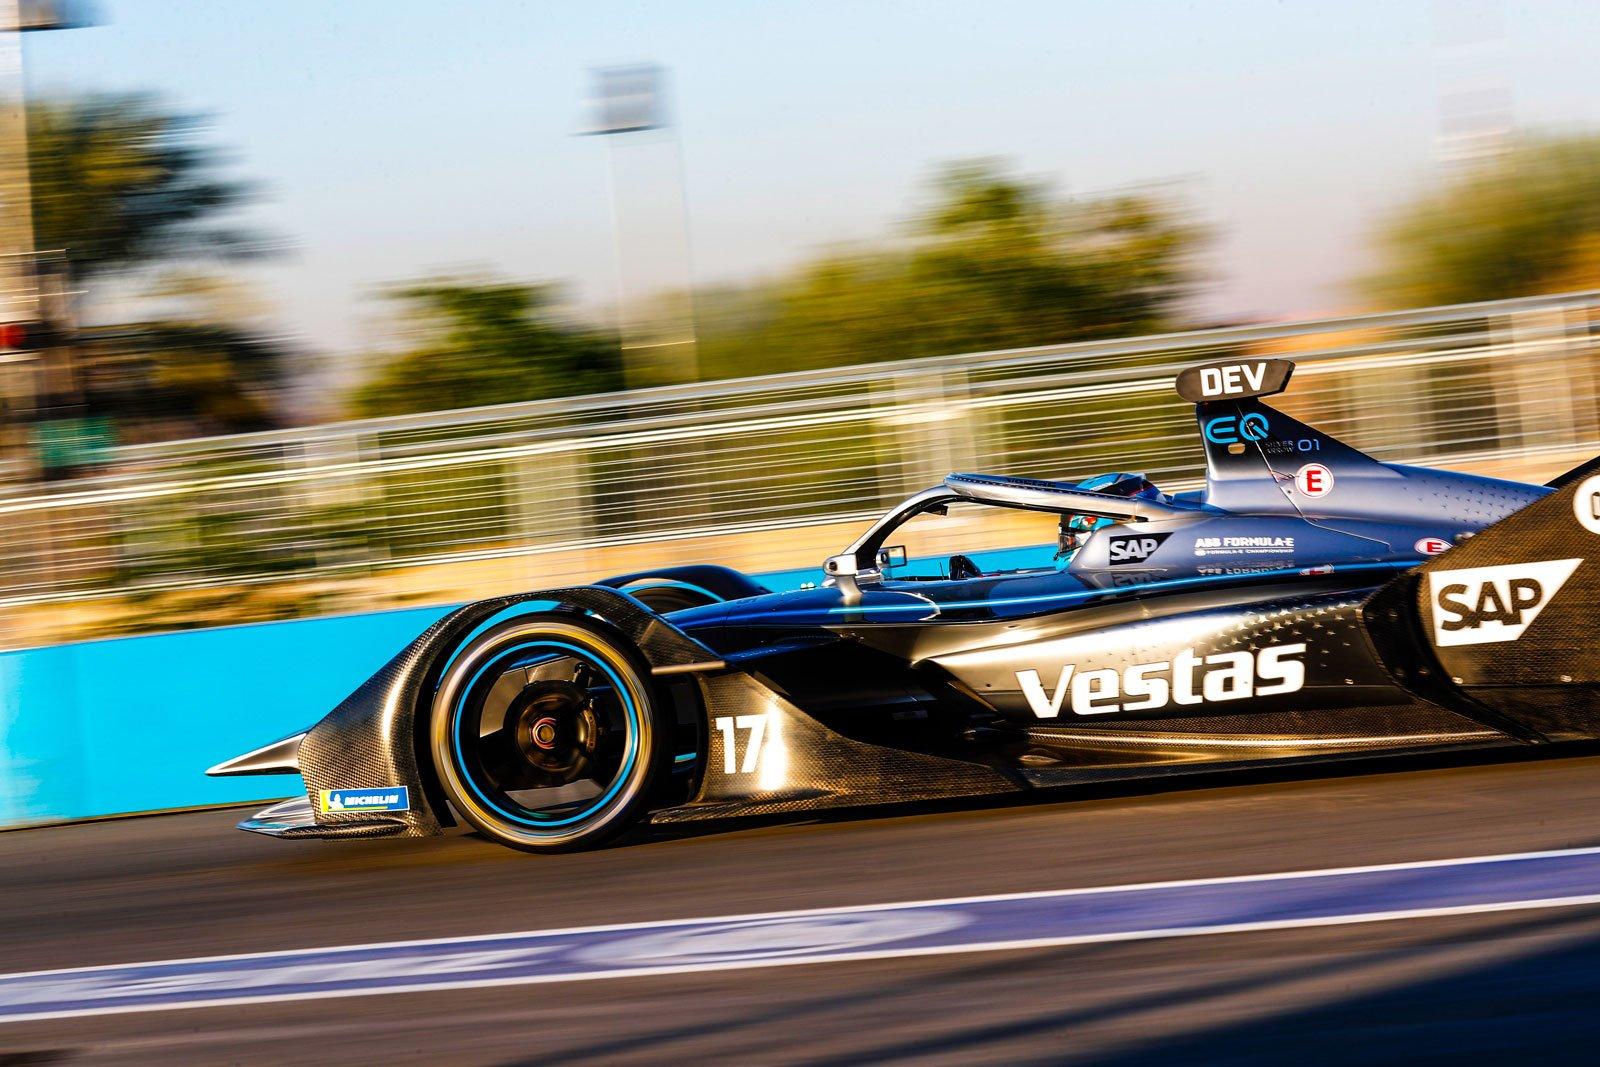 Formula E - Mercedes-Benz EQ Formula E Team, Diriyah E-Prix 2019. Nyck de Vries.